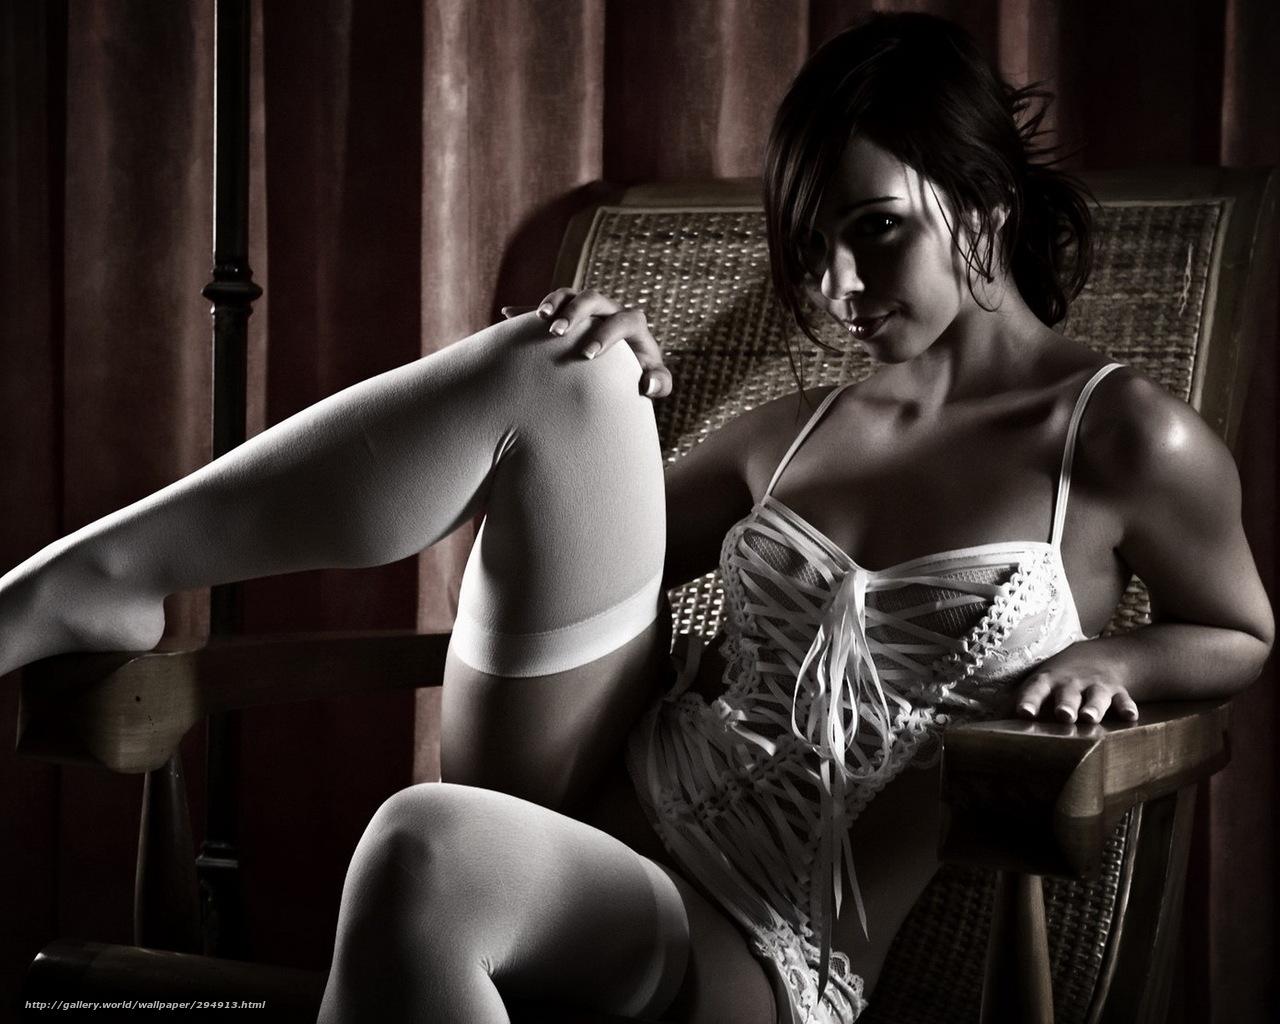 Фото брюнетка в белых чулках на стуле 7 фотография